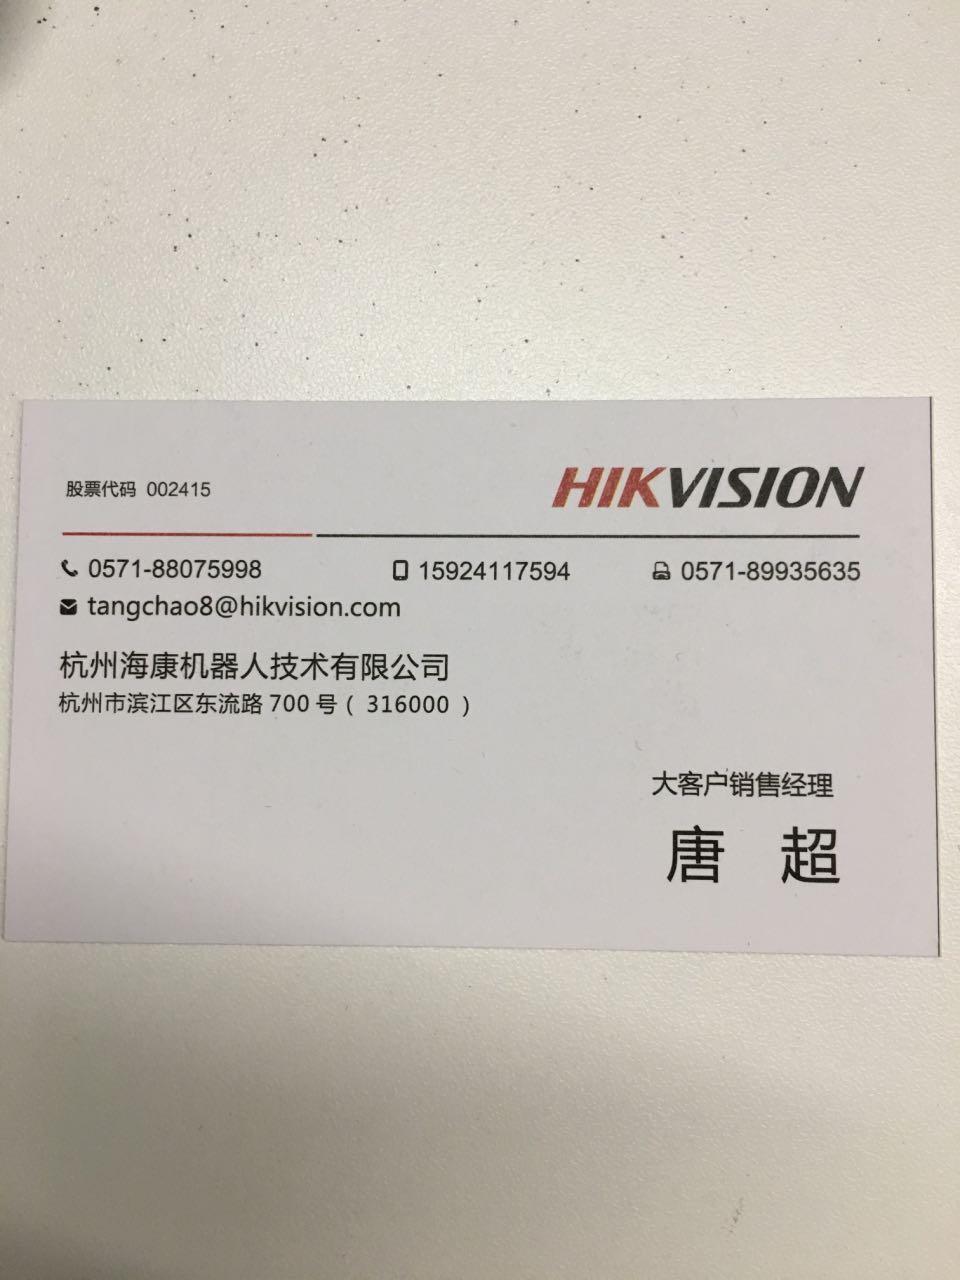 来自唐超发布的公司动态信息:海康威视智能读码称重设备... - 杭州海康威视数字技术股份有限公司